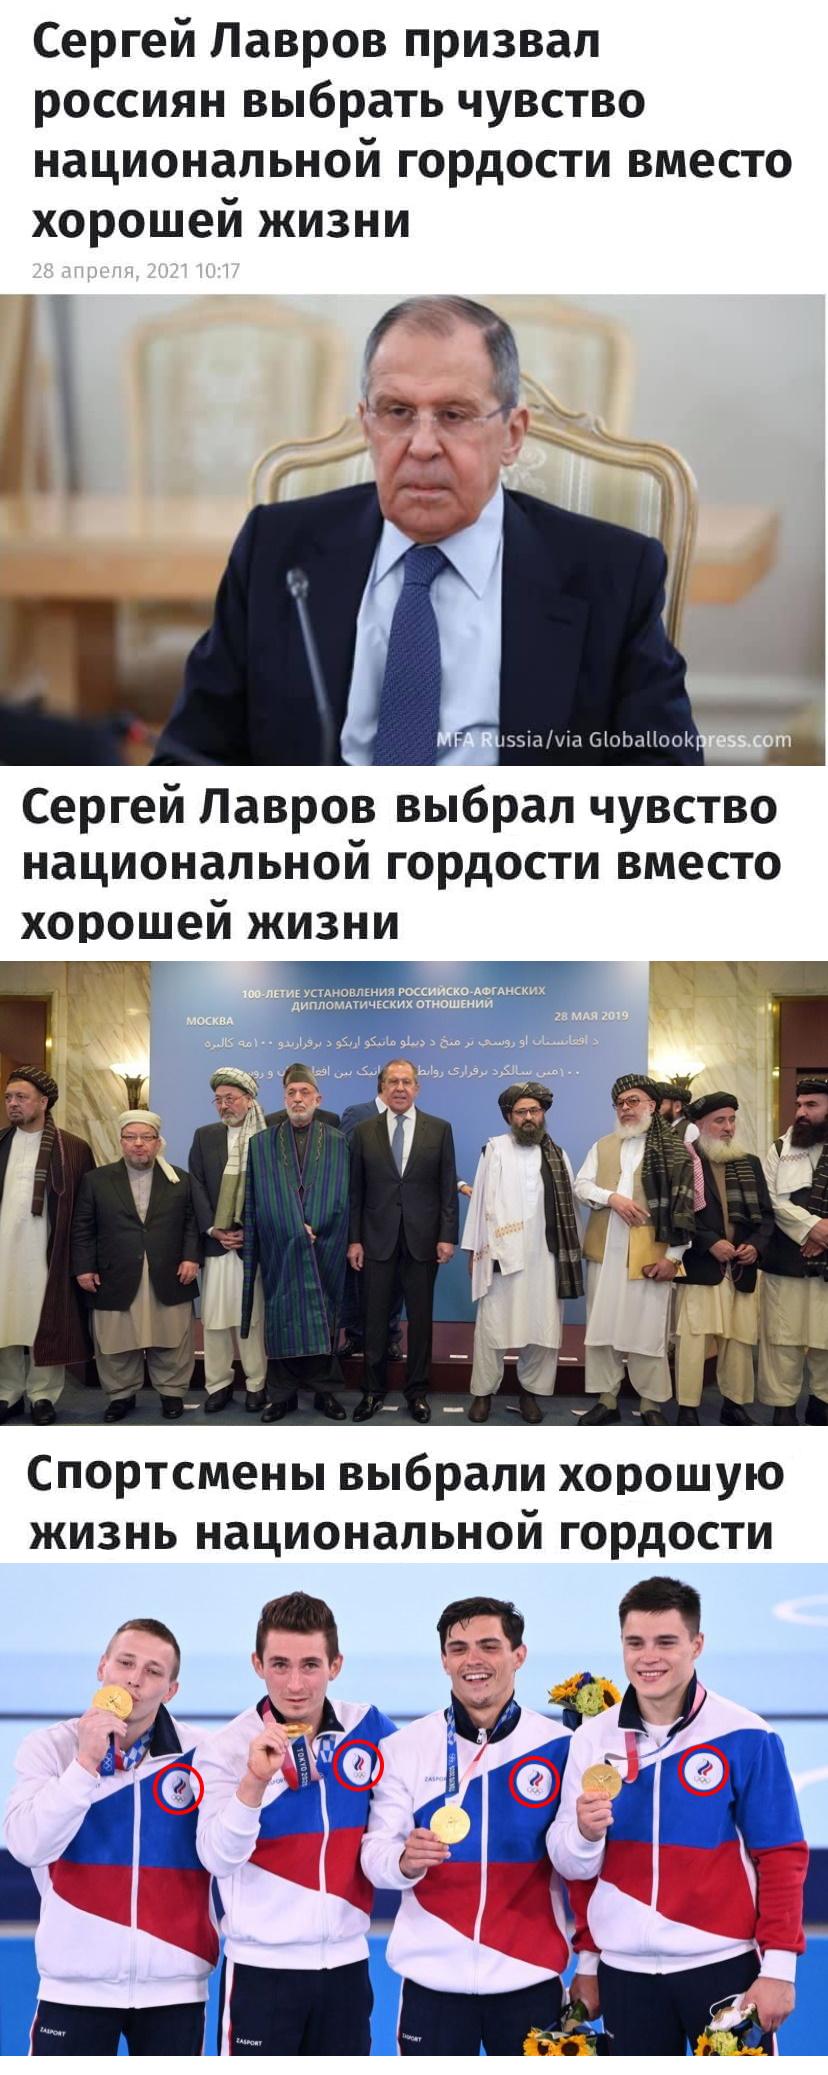 Идея Путина выступить в Токио украино-русской командой, под украинским флагом и